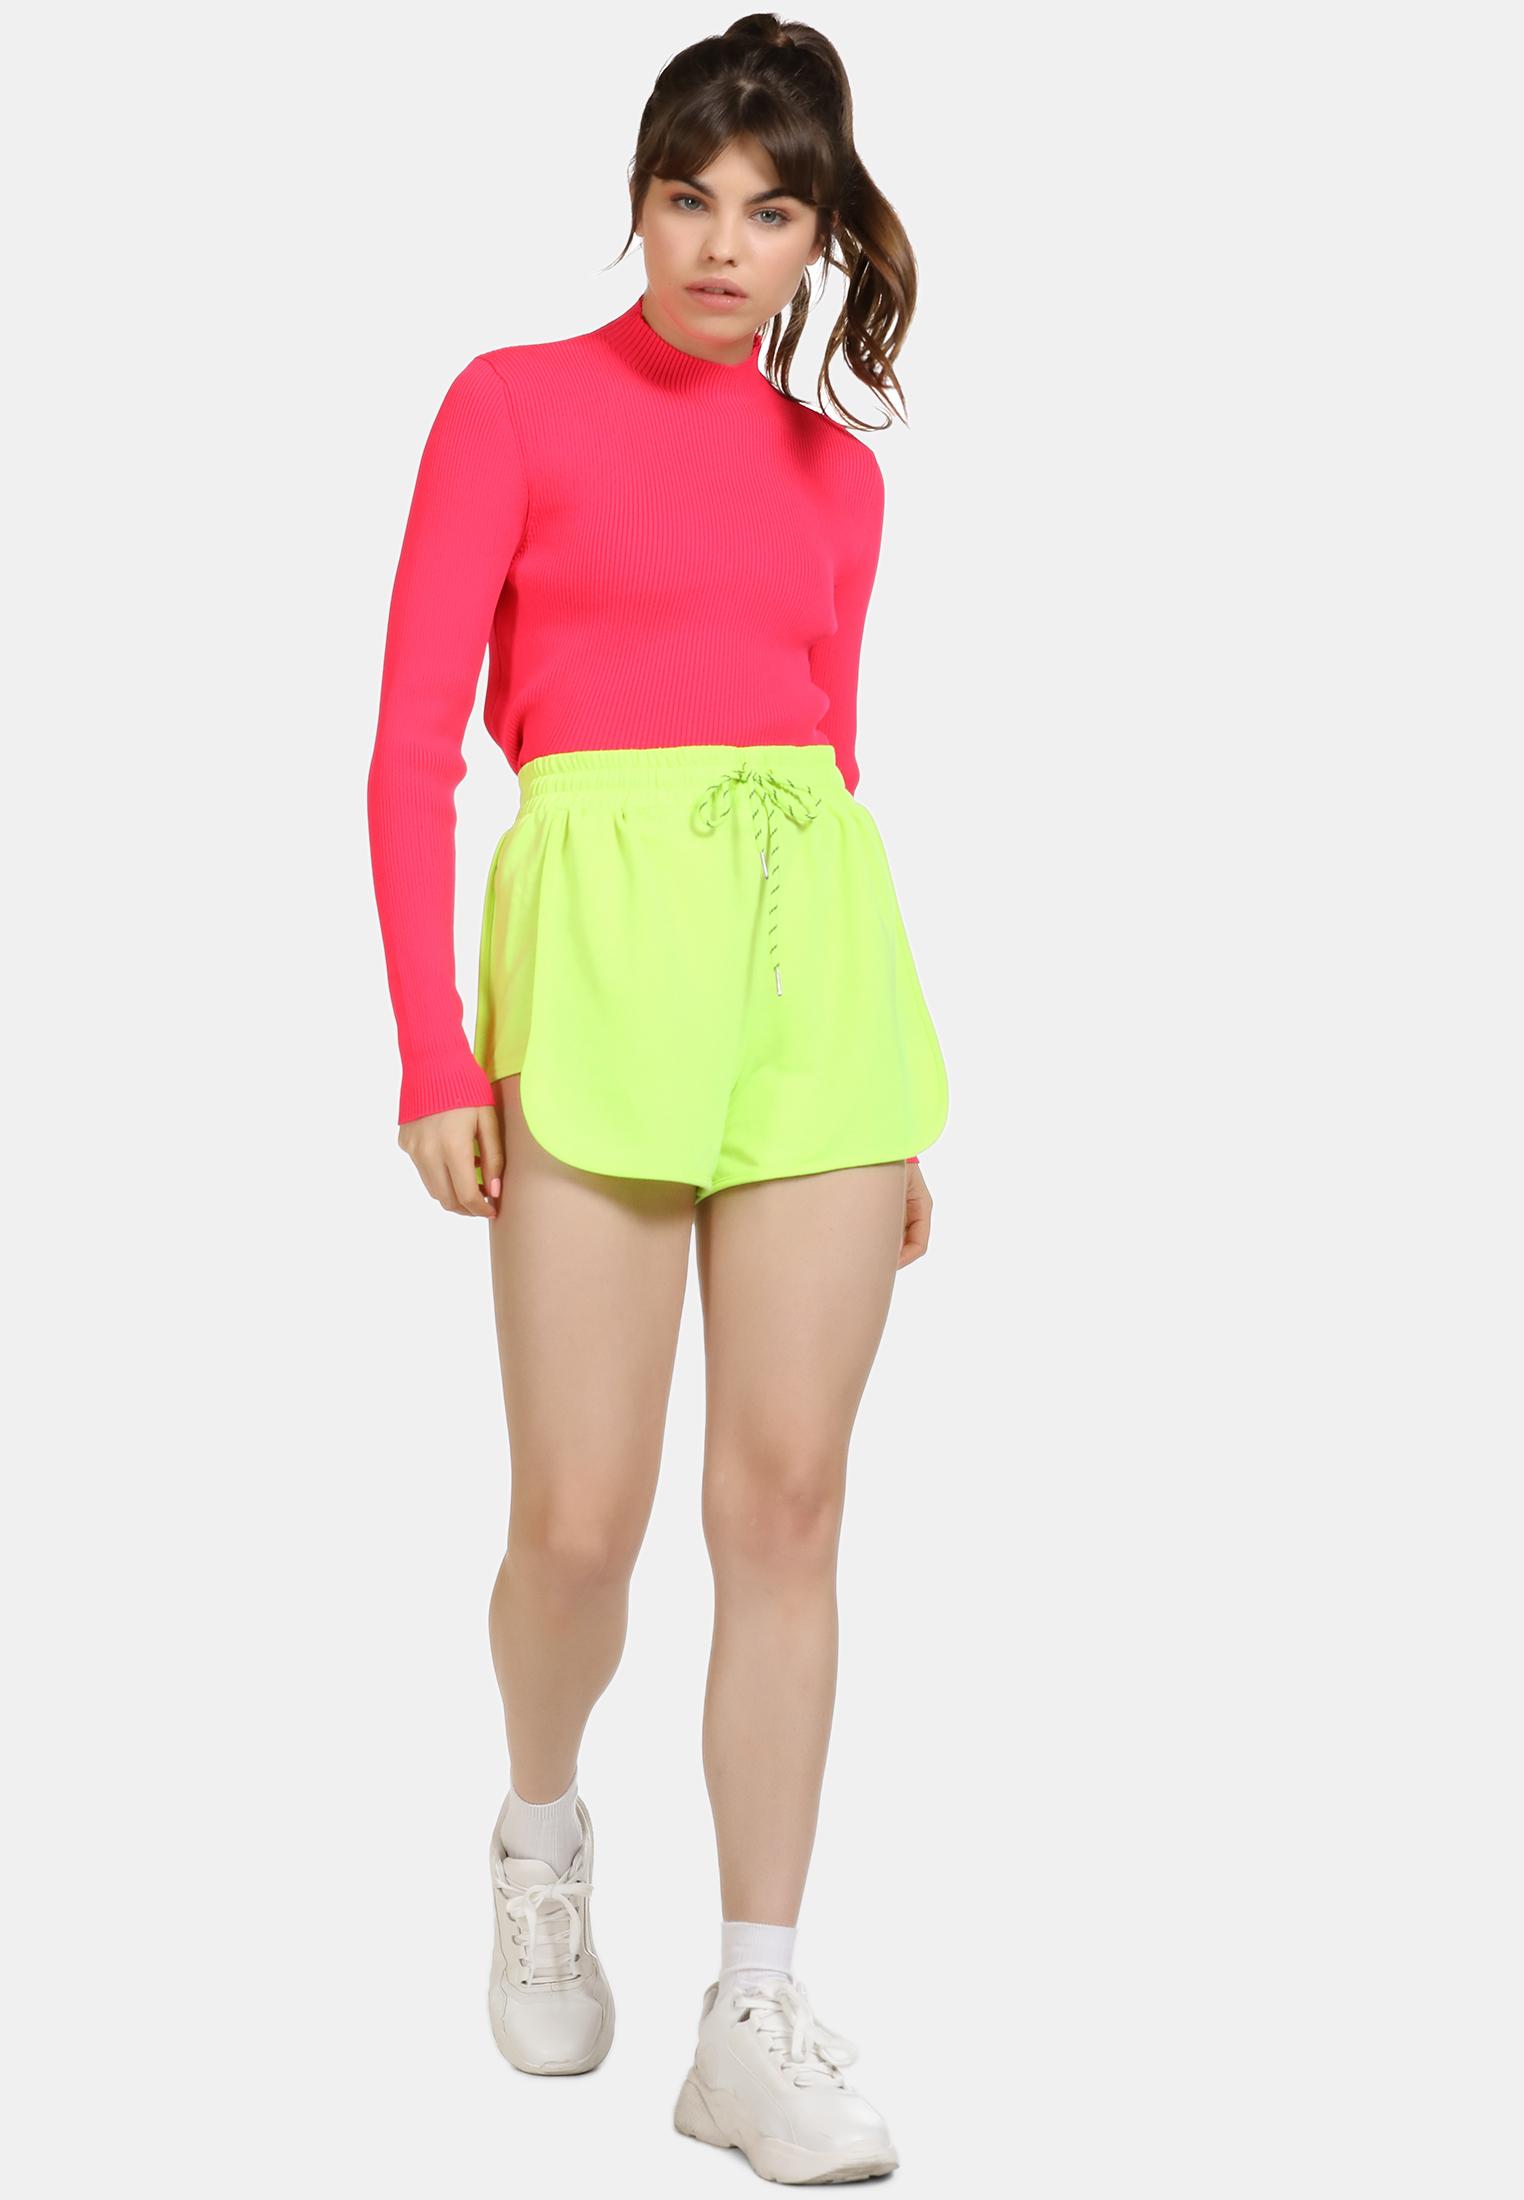 MyMO ATHLSR Pullover in pink günstig kaufen